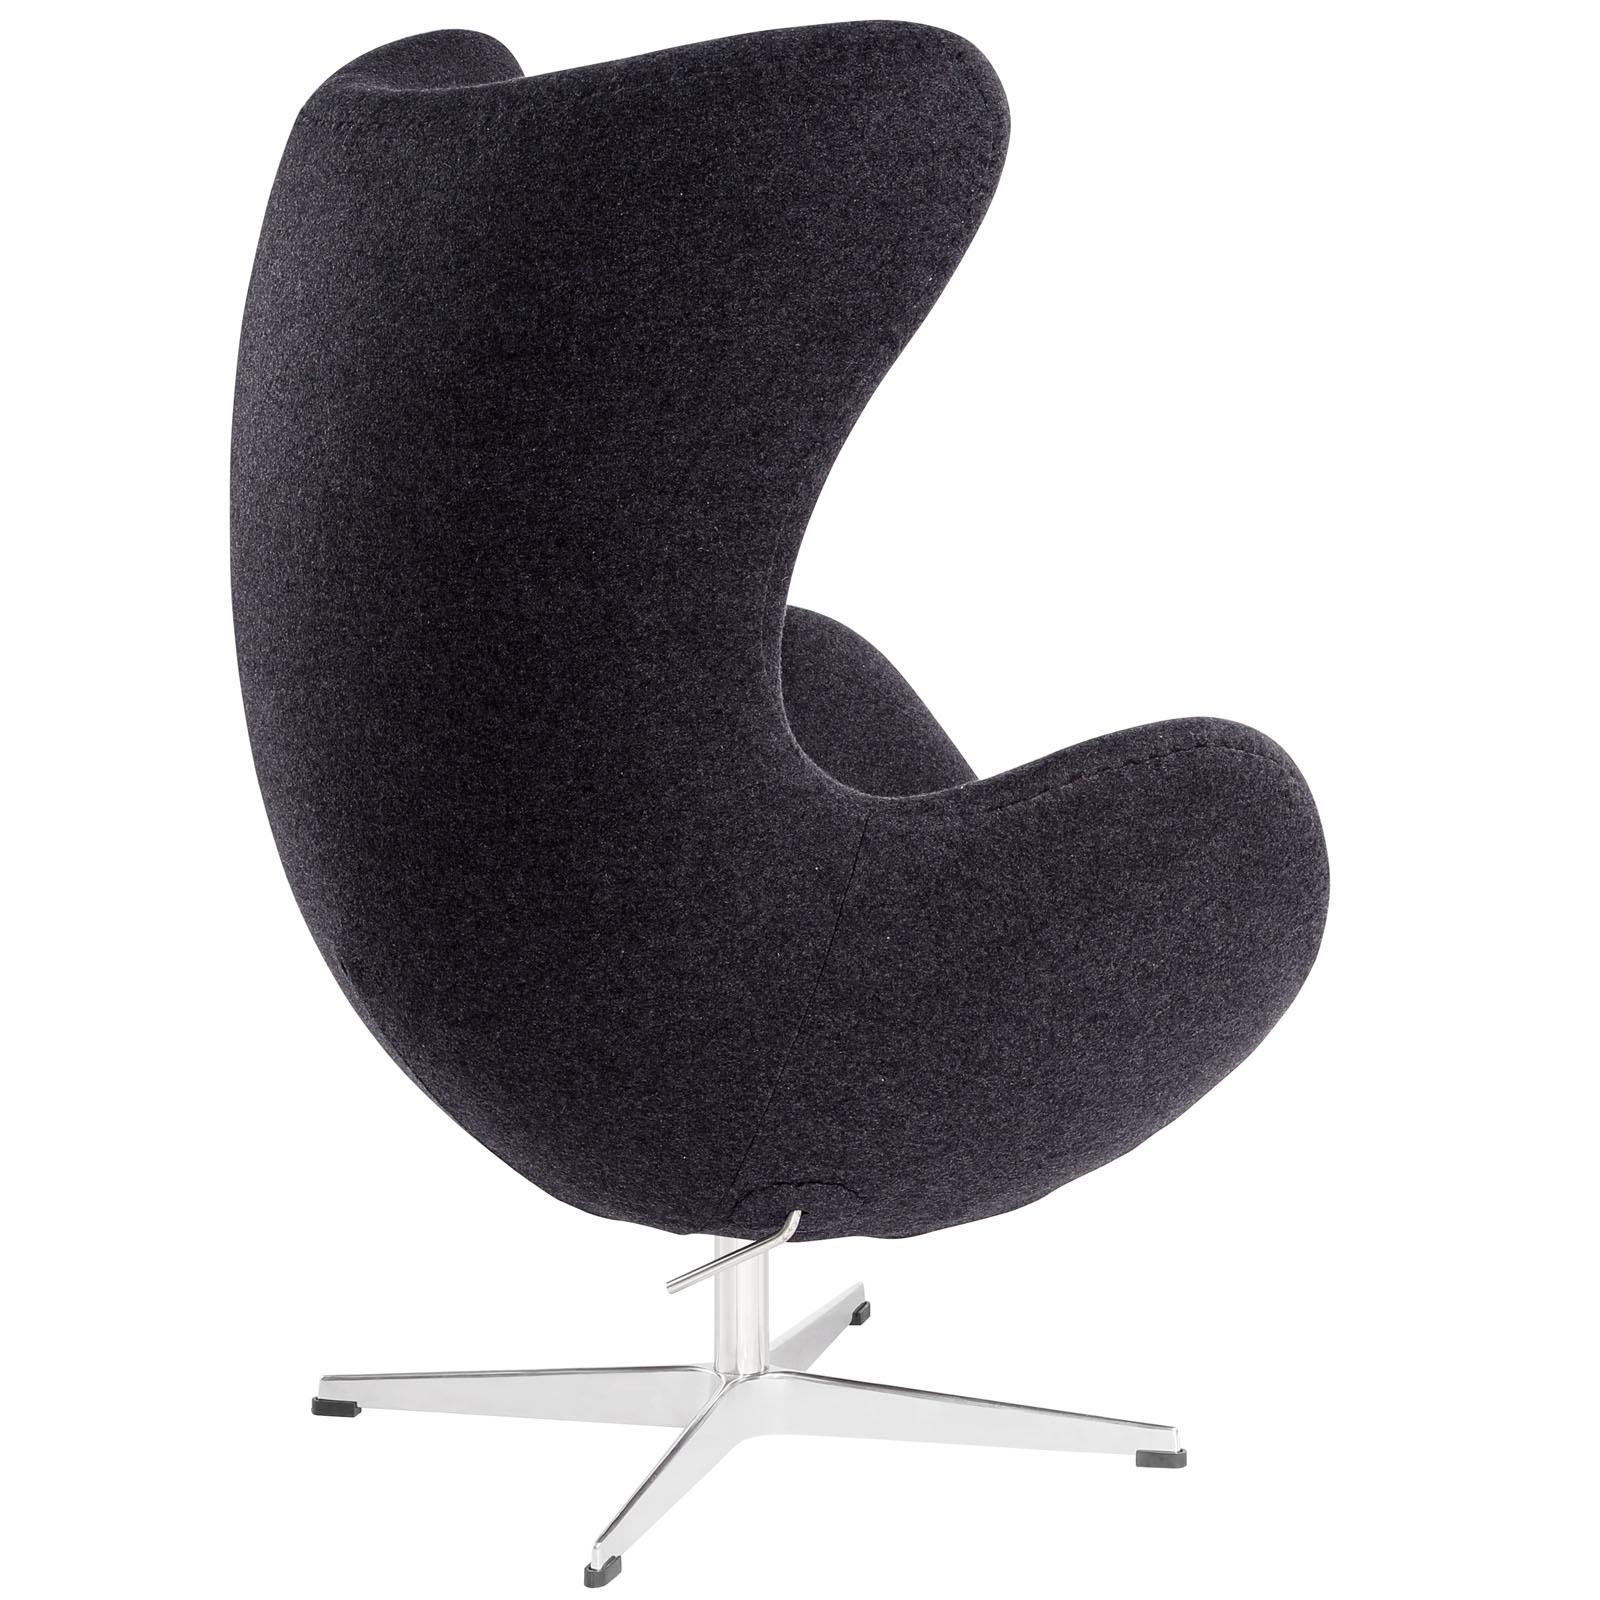 Arne Jacobsen Egg Chair.Ann Arne Jacobsen Egg Chair Arne Jacobsen Honormill Furniture